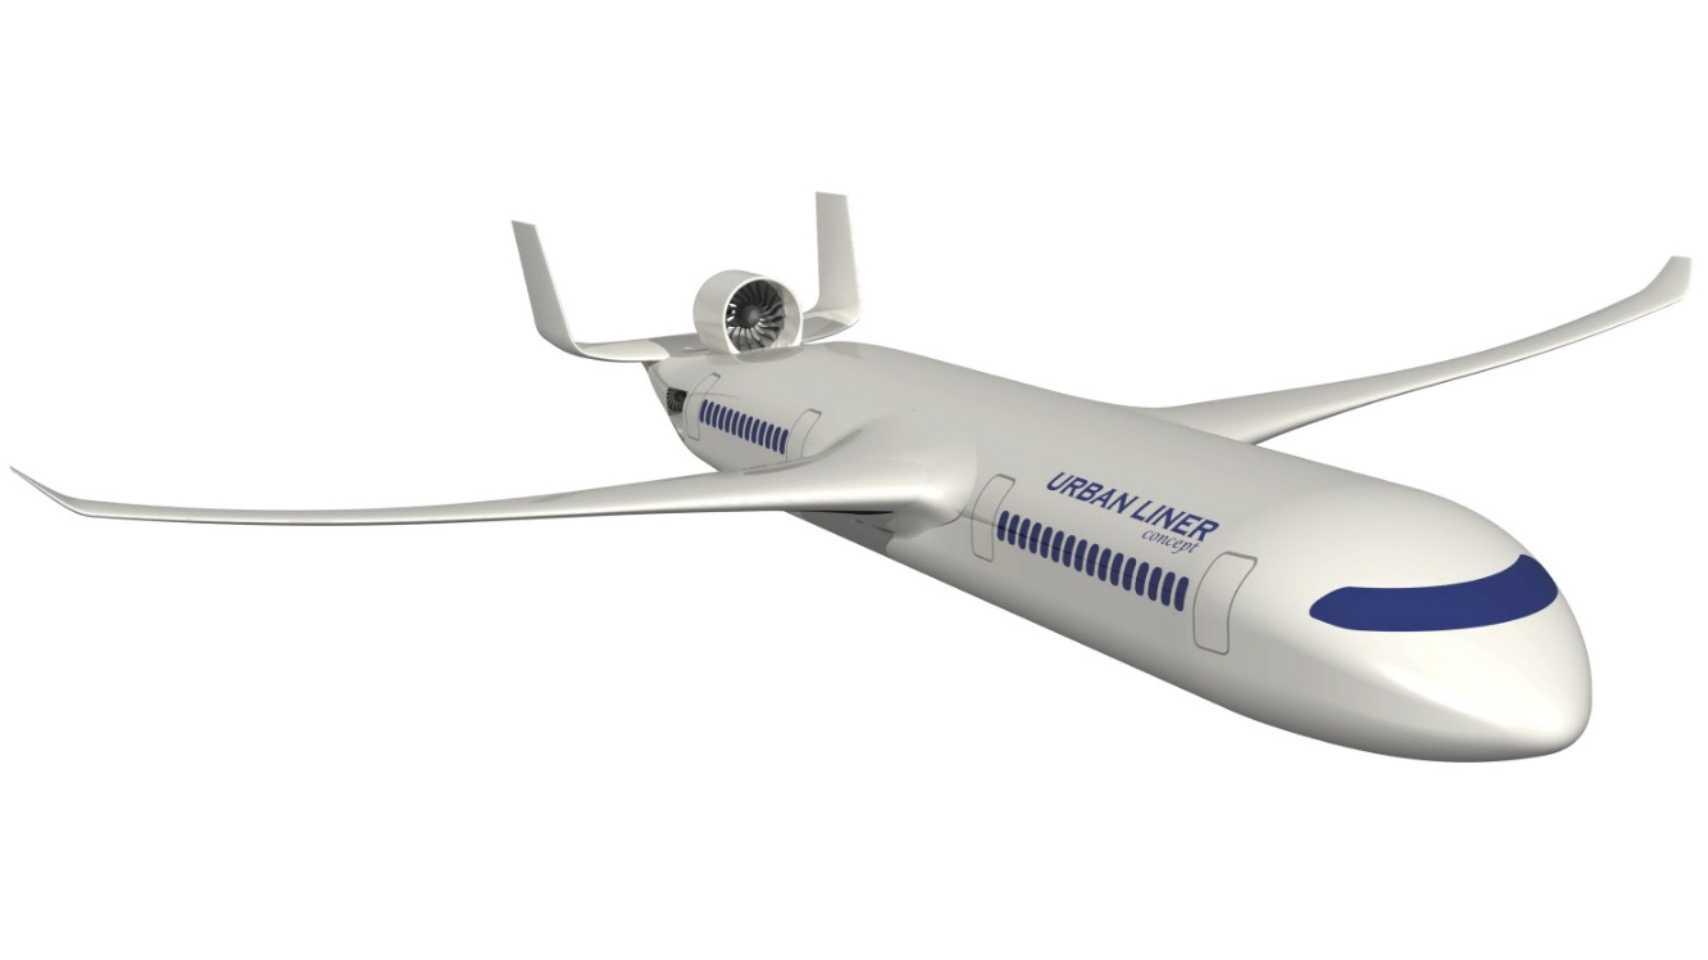 DLR und NASA suchen Flugzeug der Zukunft: Hybrid, leise und umweltfreundlich